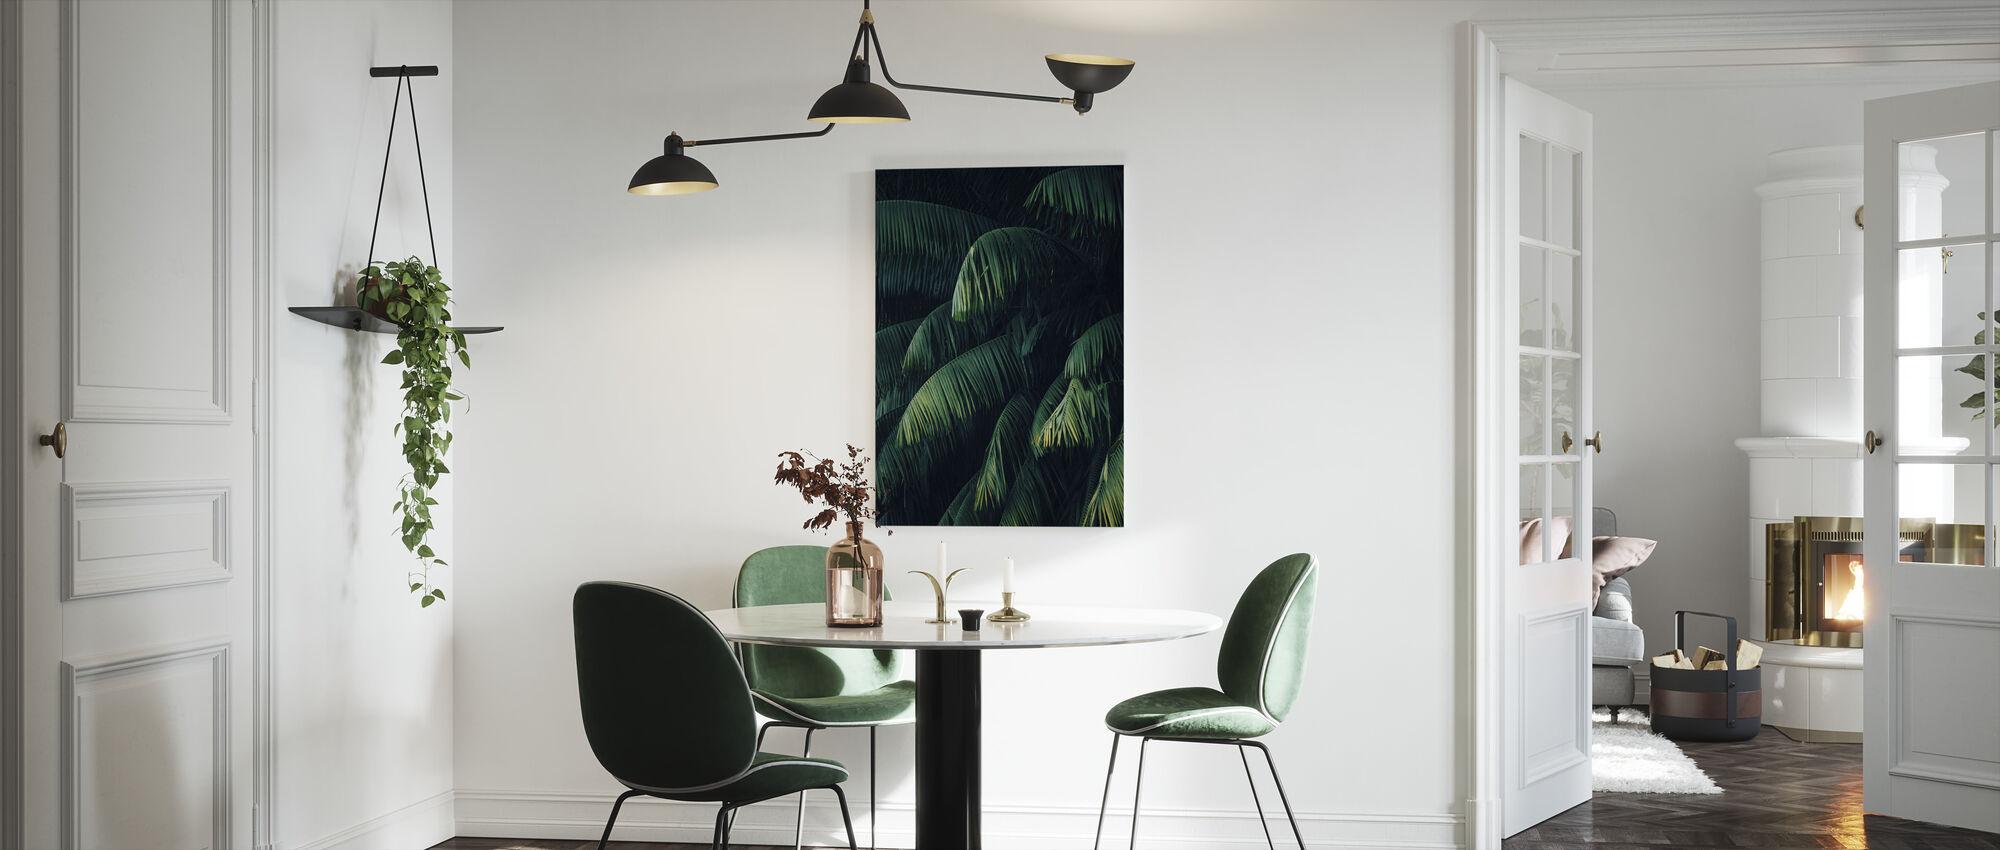 Trooppiset palmun lehdet - Canvastaulu - Keittiö